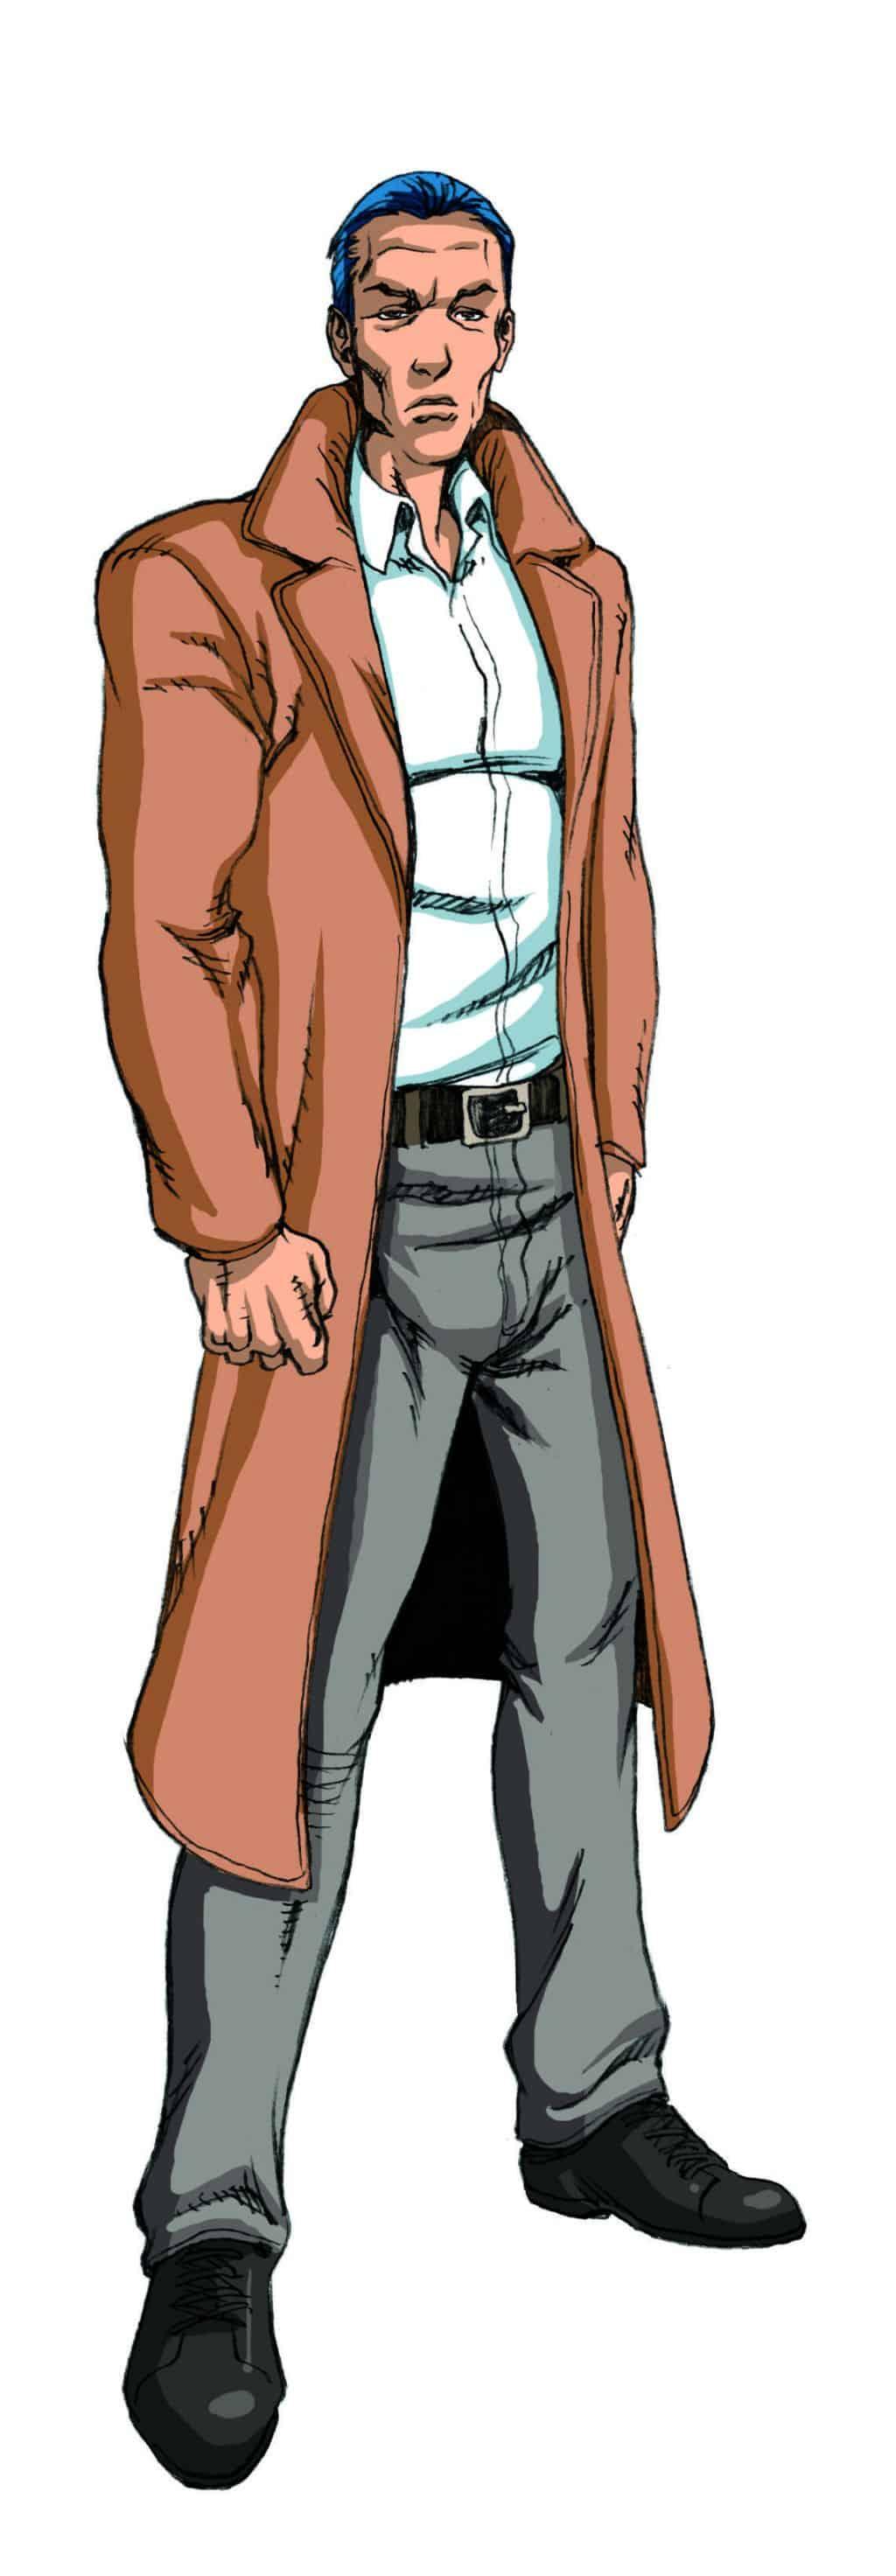 Dr. Samuel Cahn